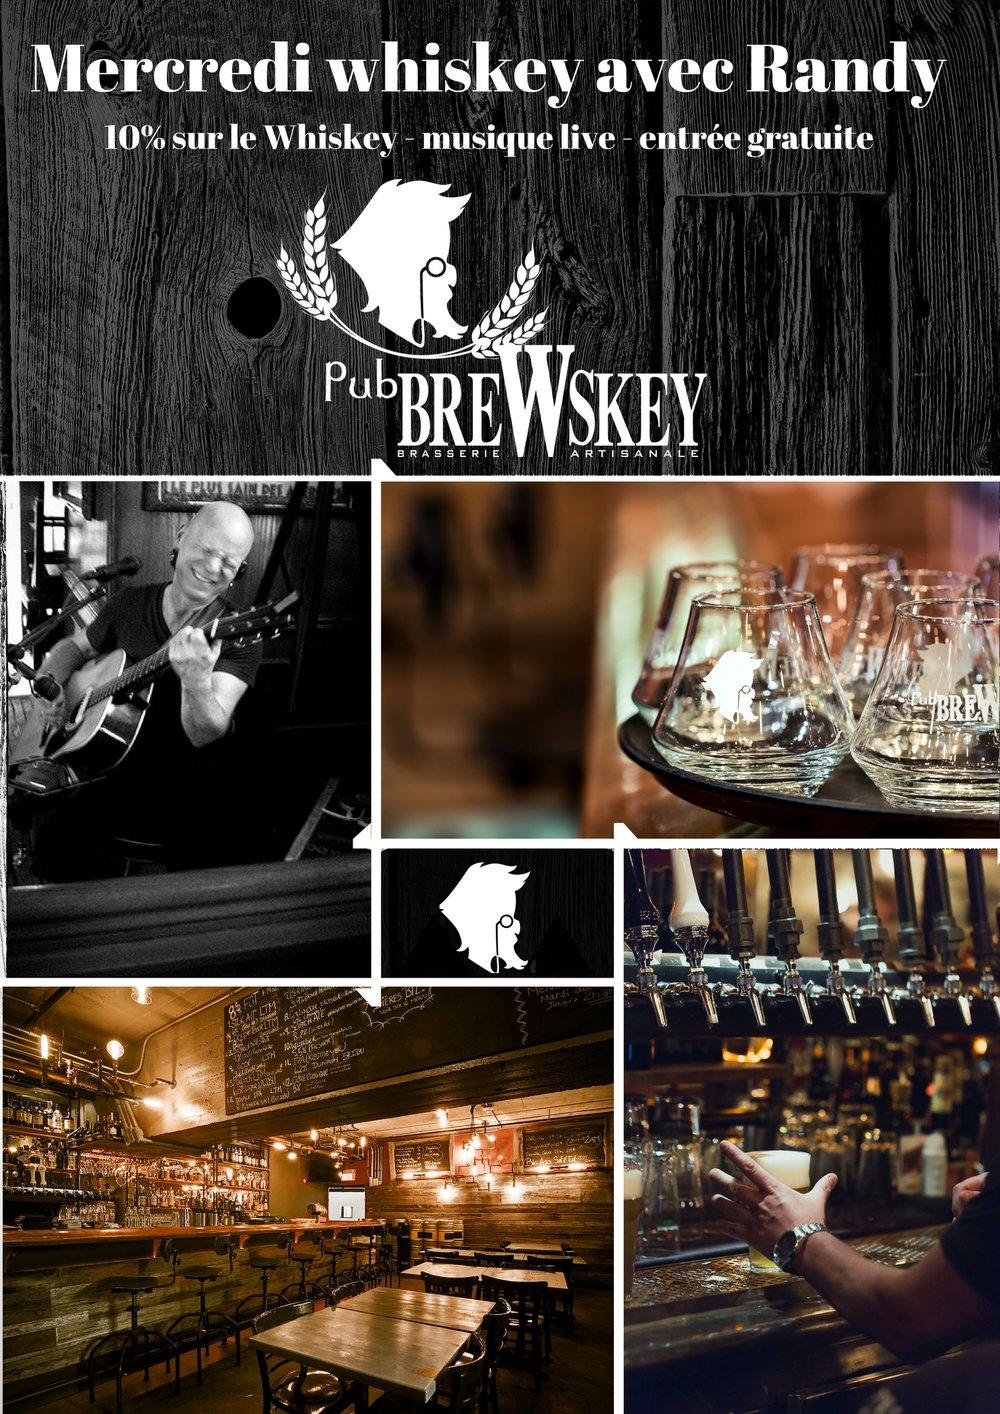 Les Mercredis Whiskey avec Randy - Venez déguster d'excellents whiskeys et profitez d'un rabais de 10% dessus pour la soirée !